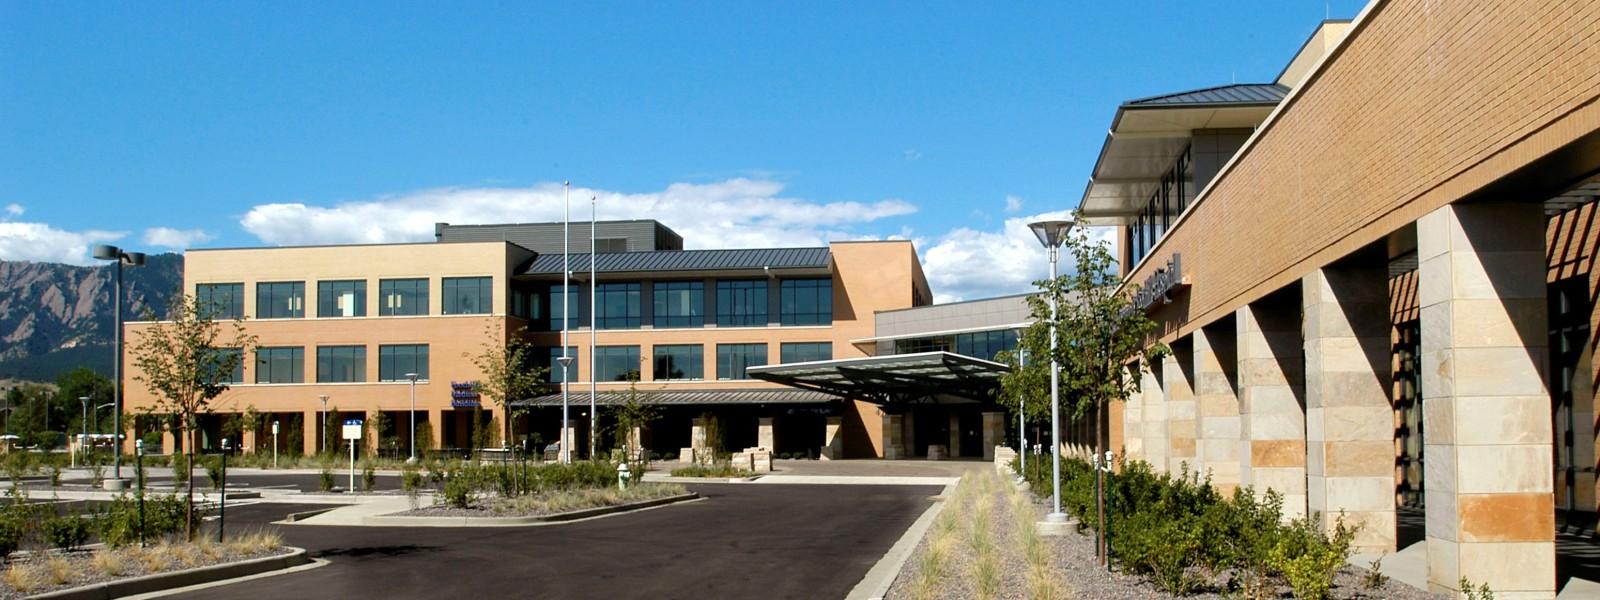 BOULDER COMMUNITY HOSPITAL*